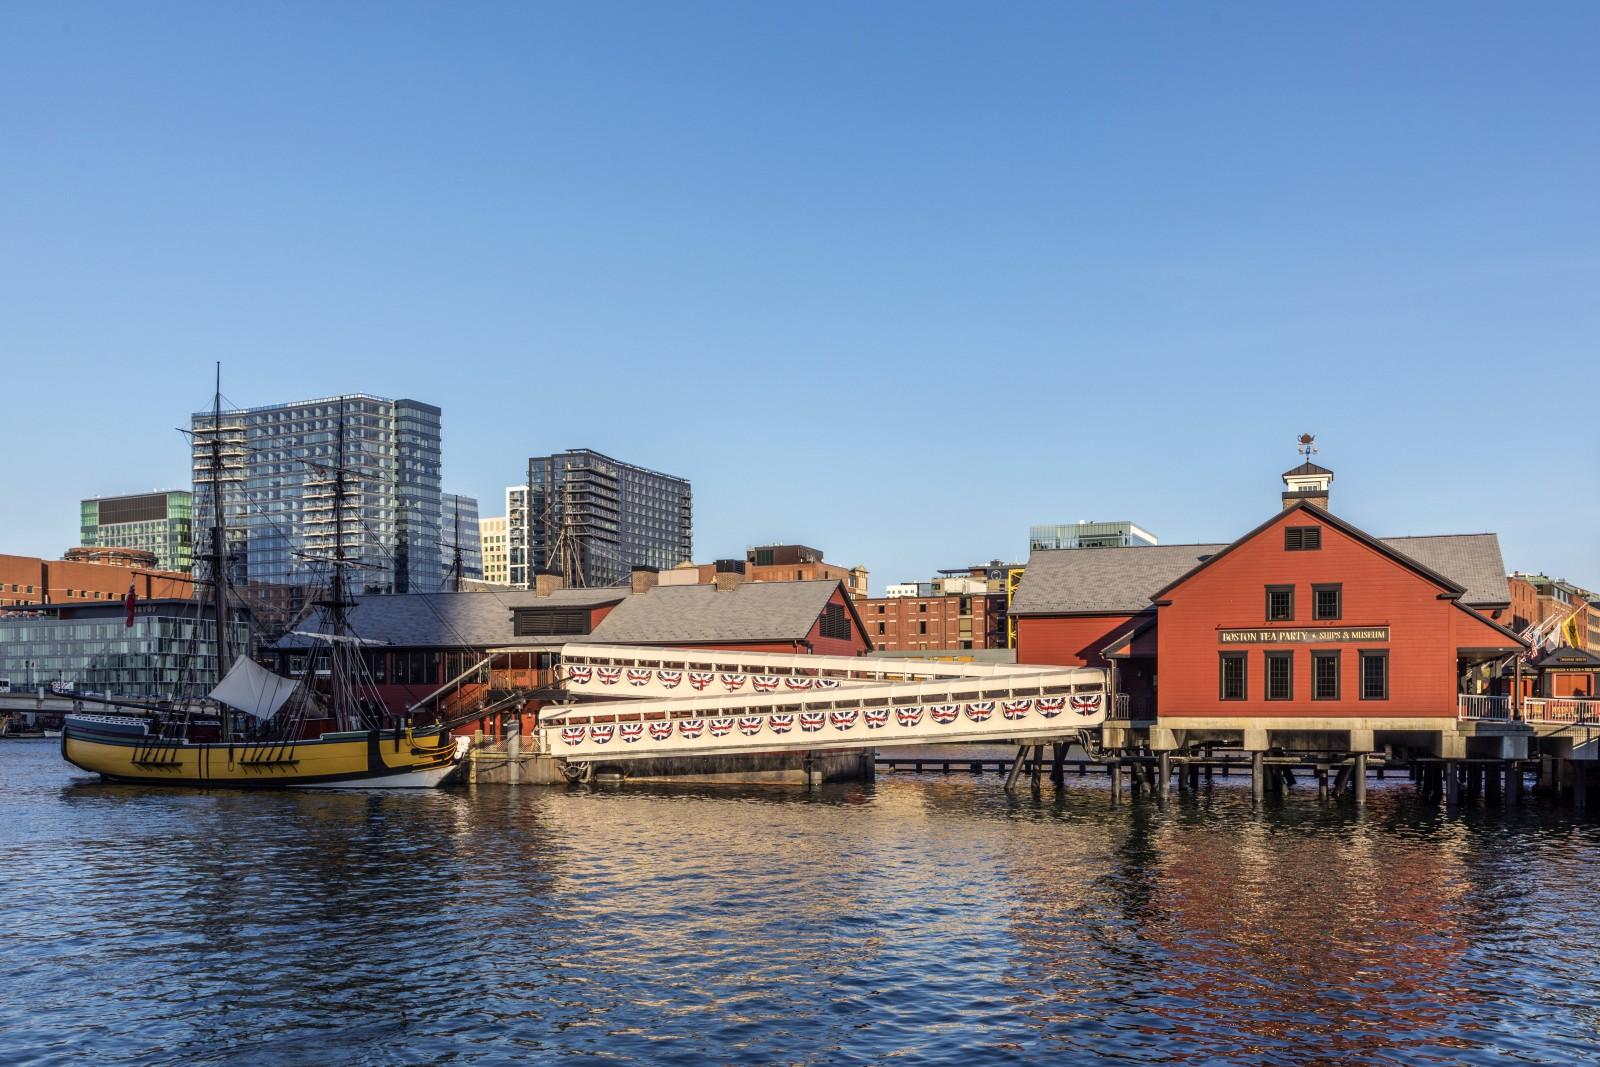 Das Boston Tea Party Ships & Museum gehört zu einem Besuch in der Hafenstadt einfach dazu. Nun werden vom Museum auch virtuelle Touren und Talks angeboten.